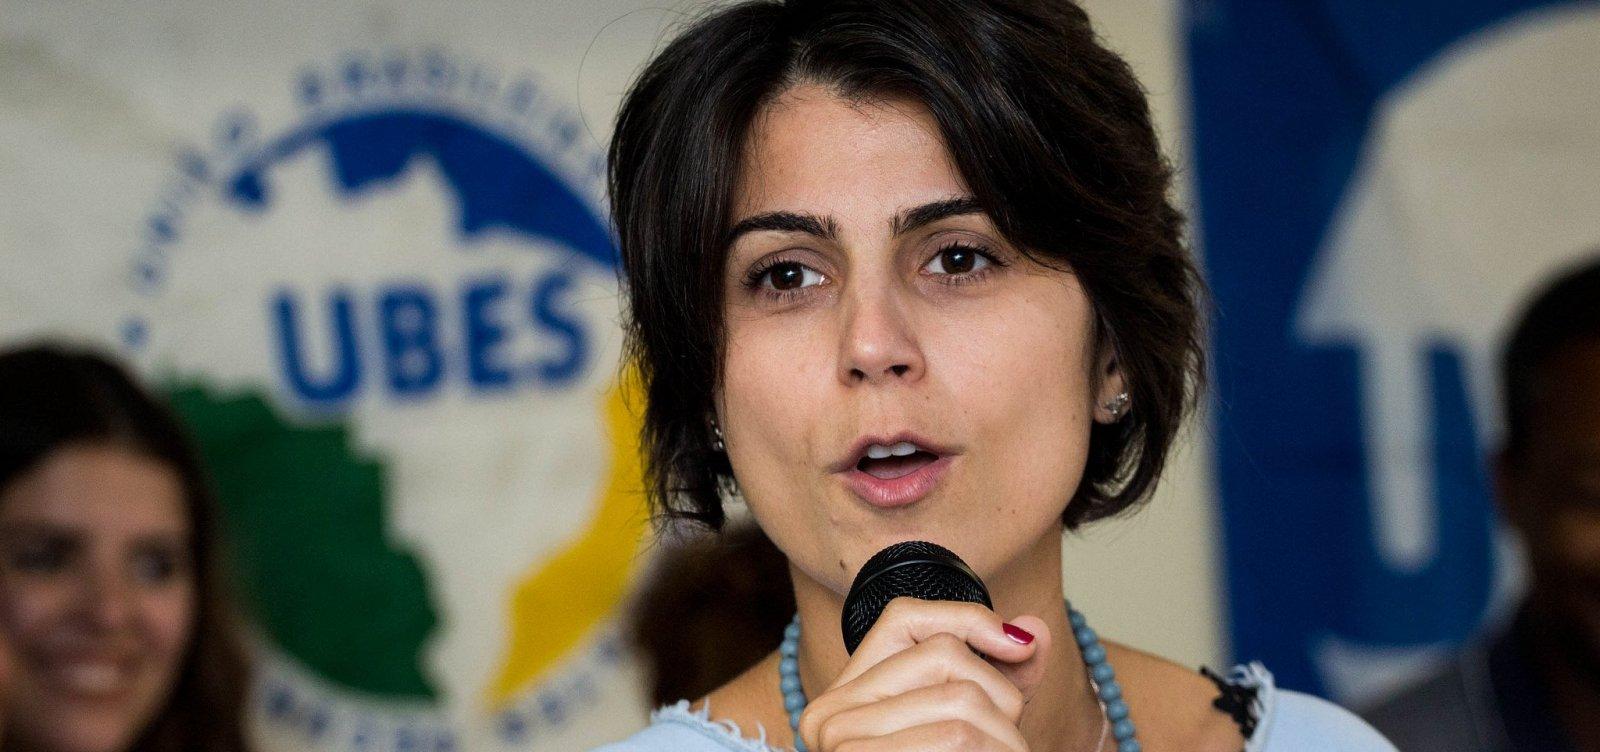 [Após votar, Manuela D'Ávila diz ter convicção na 'maior virada da história']